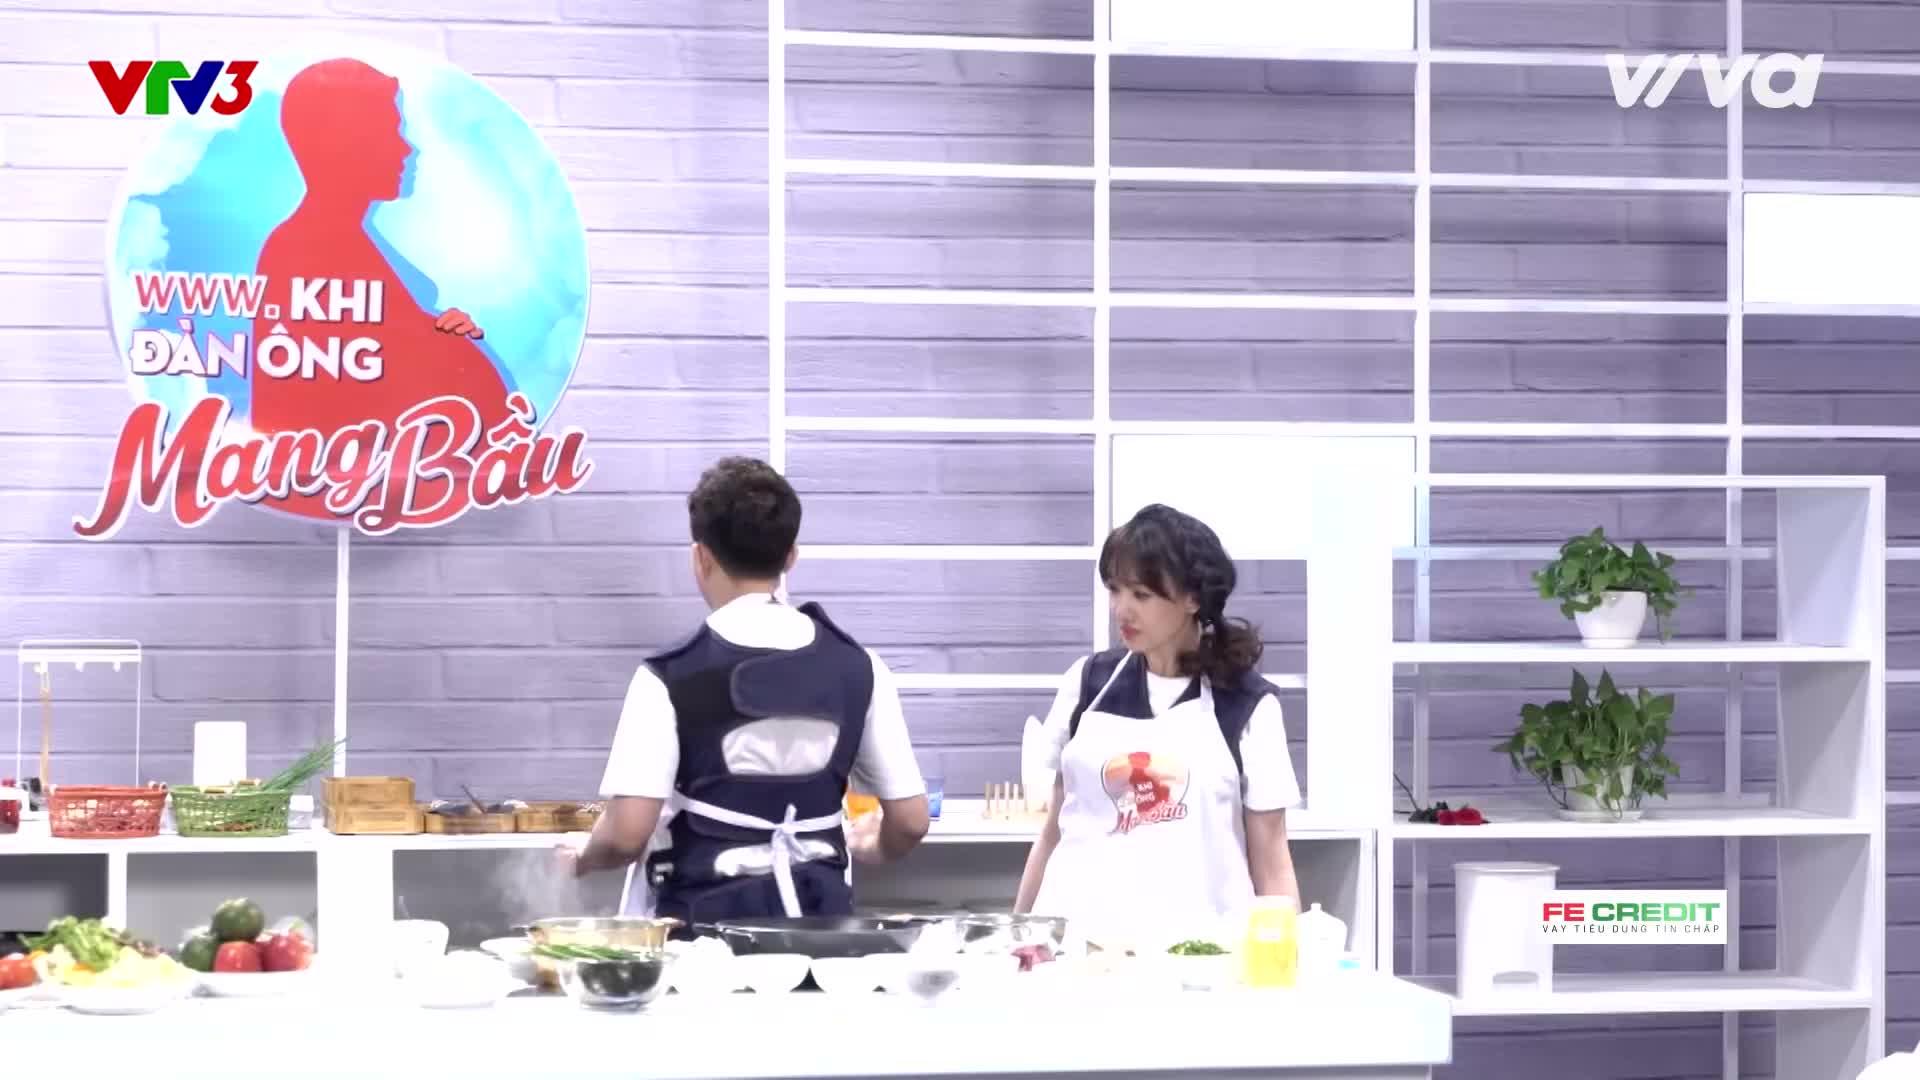 Hé lộ trailer tập 3: Trấn Thành  Hari bấn loạn, Song Giang chia rẽ vì chuyện bếp núc?